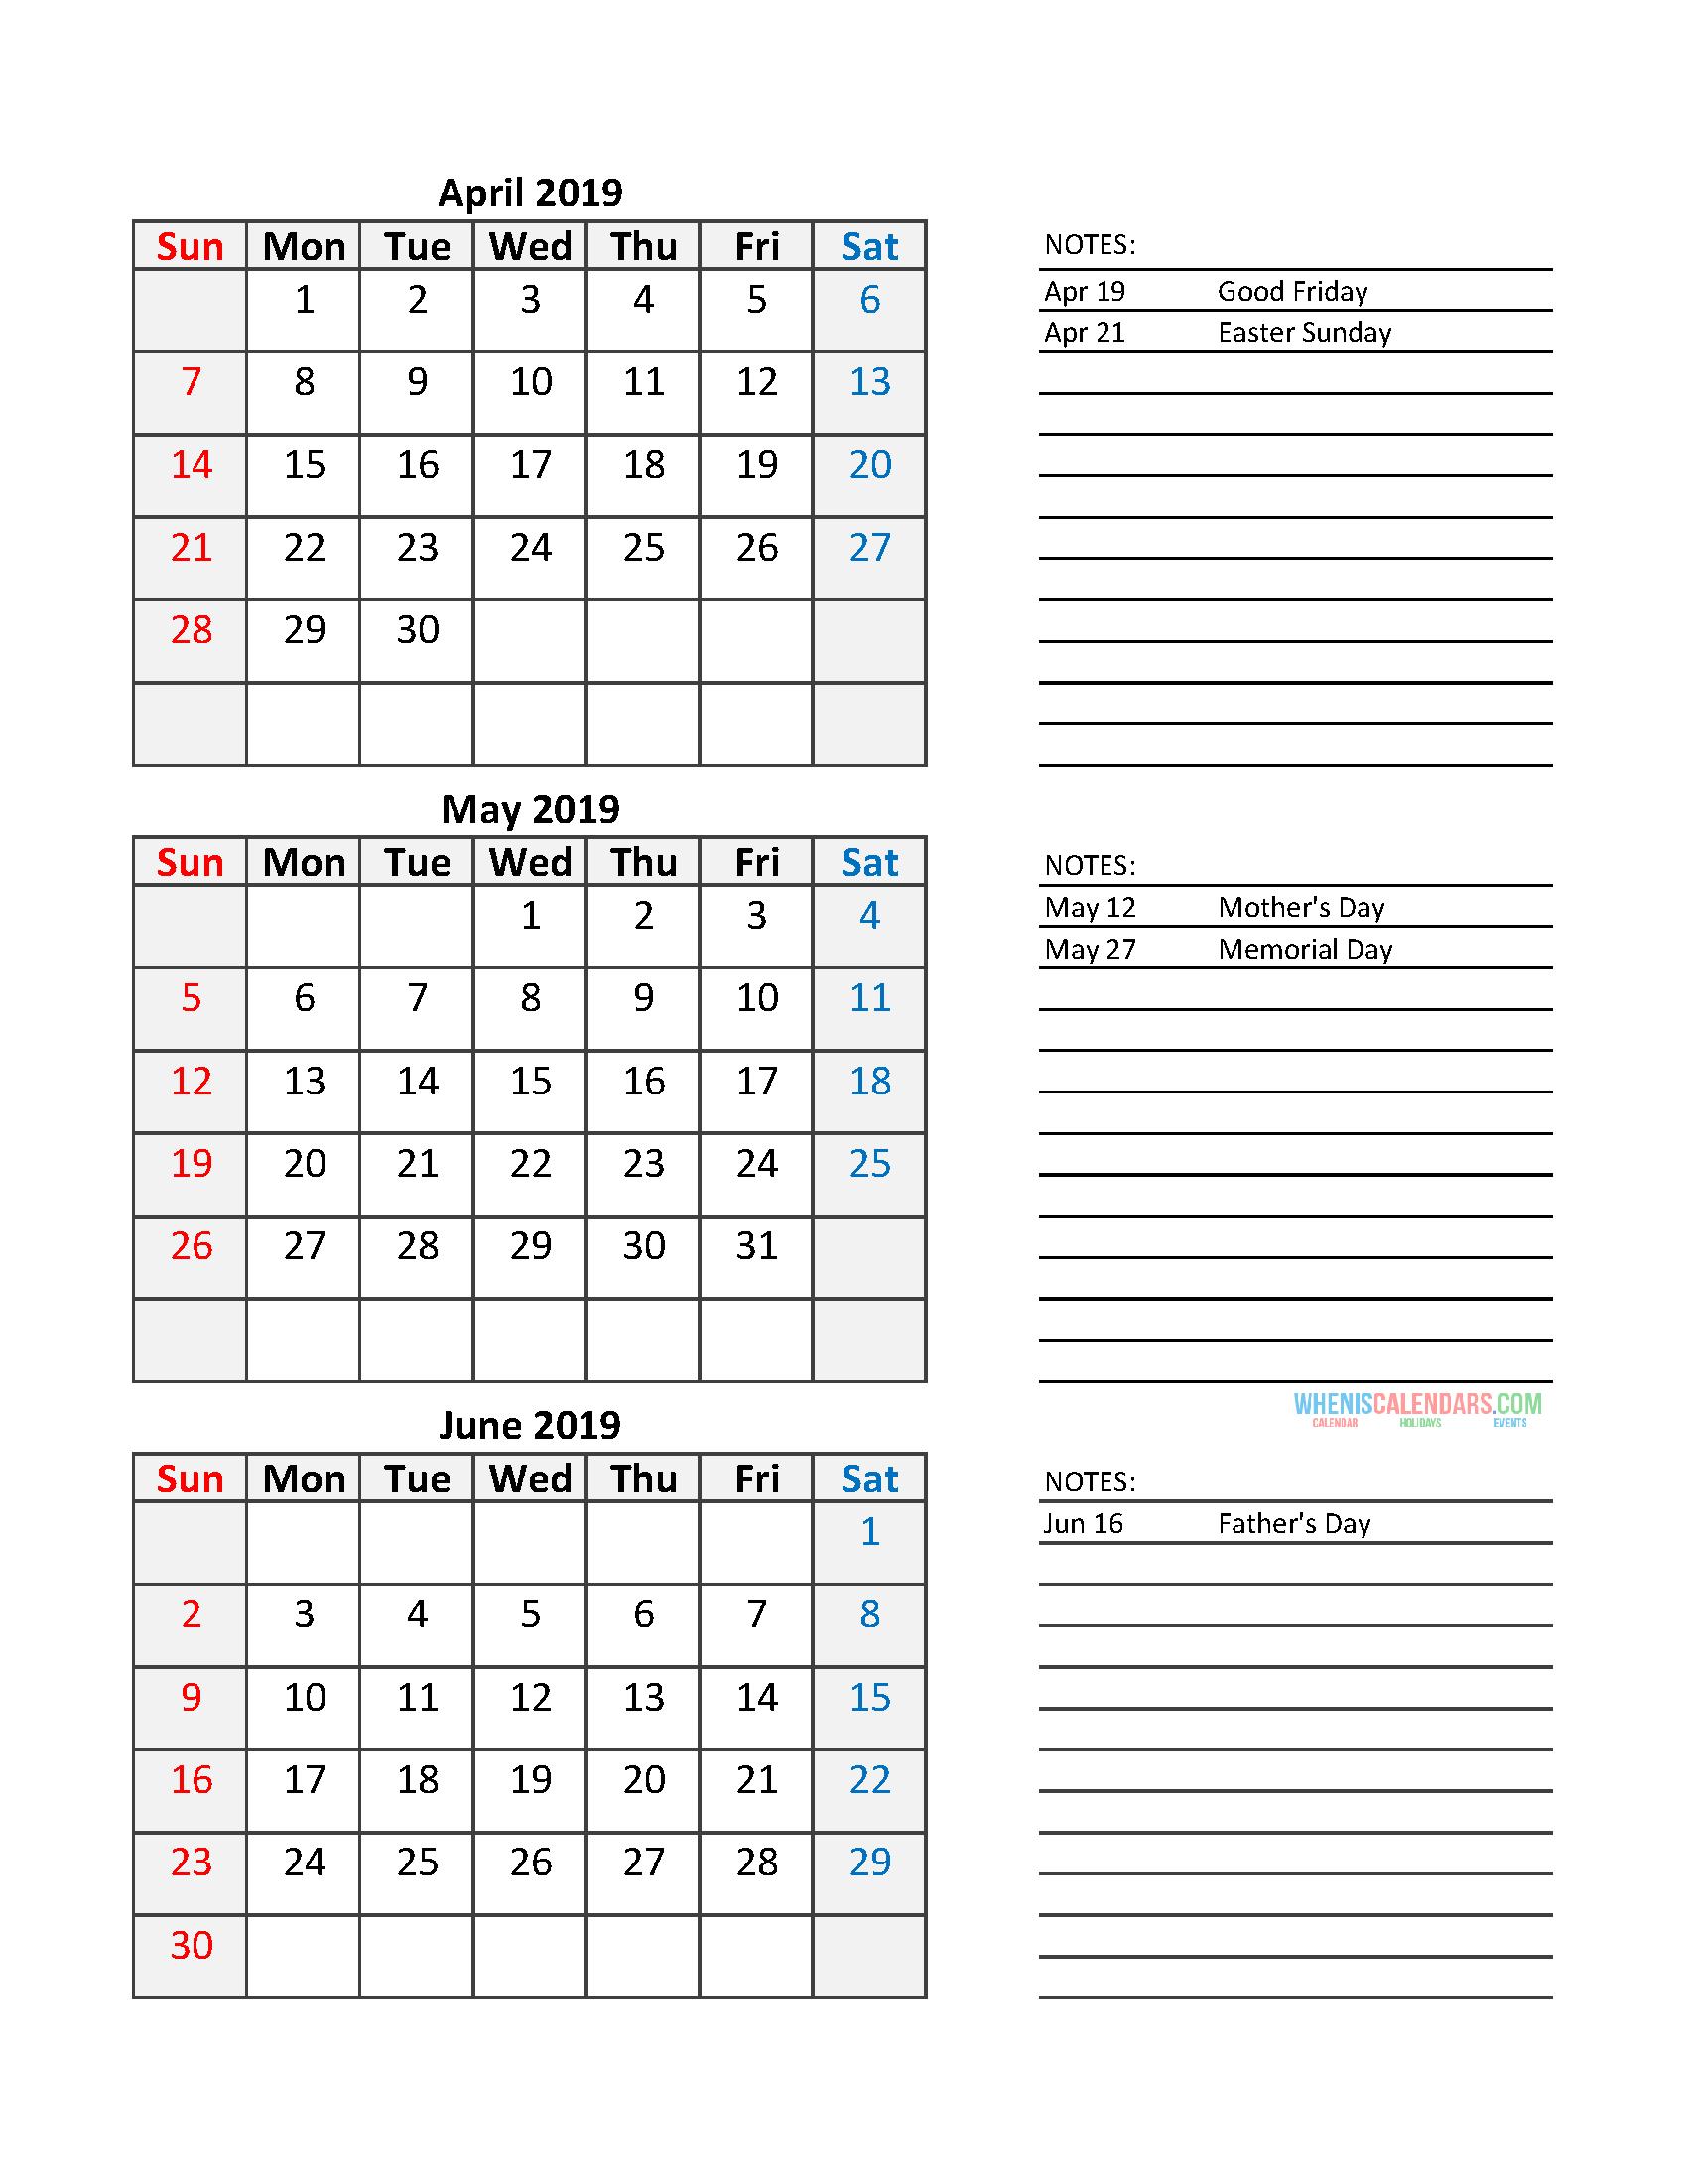 quarterly calendar 2019 printable calendar template